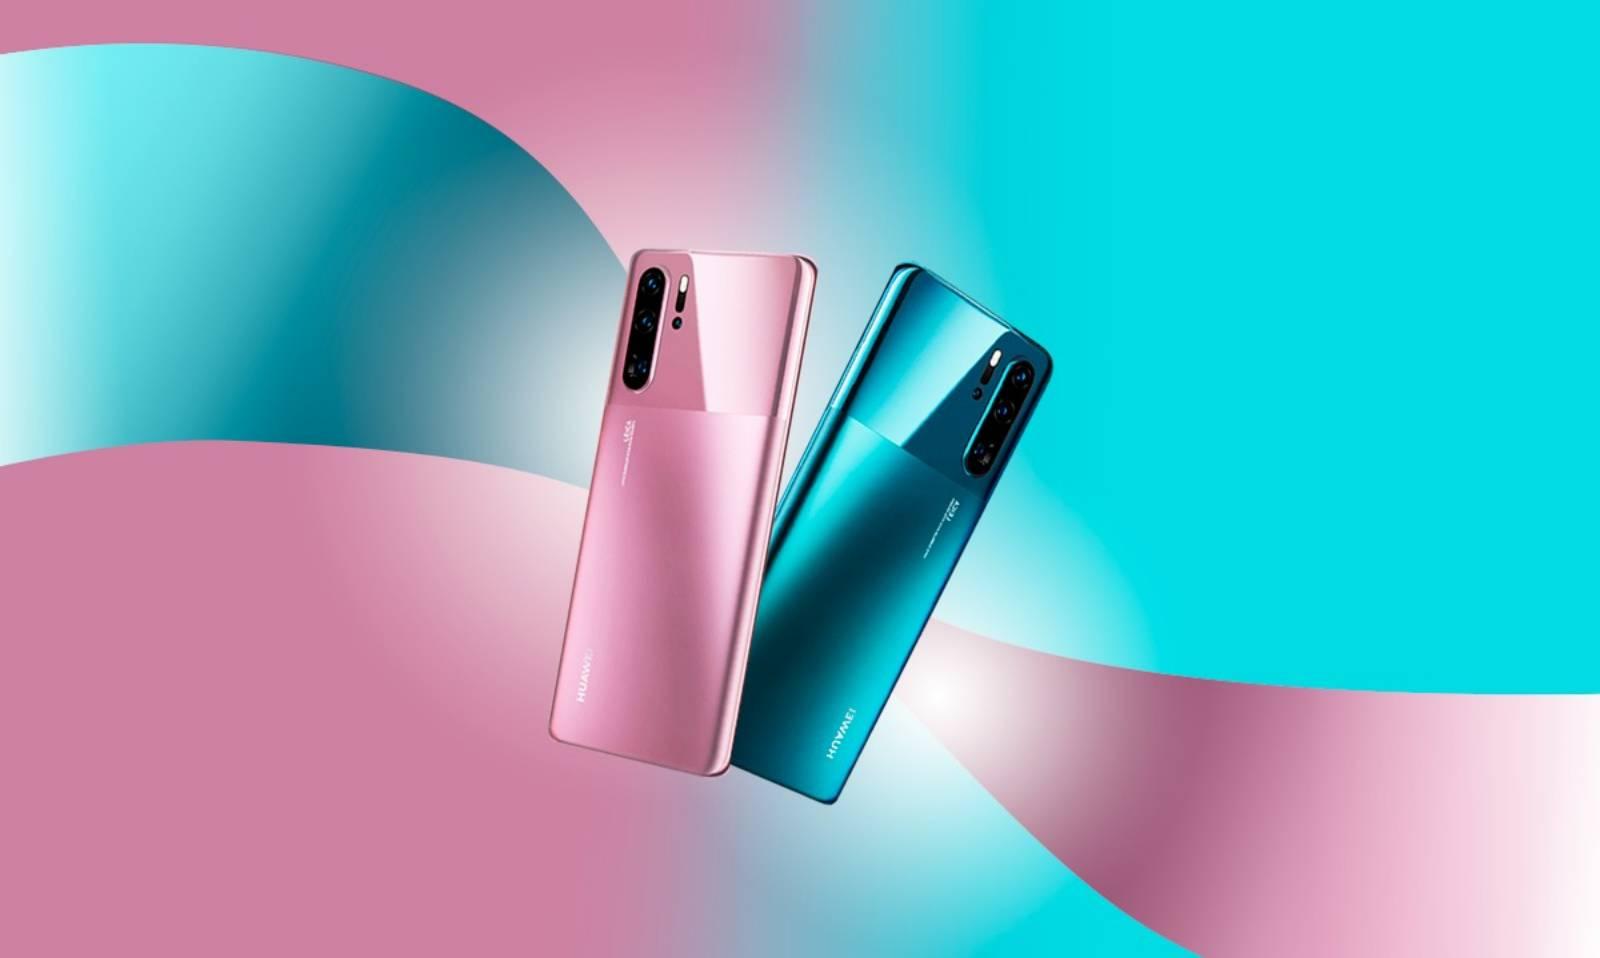 Huawei P40 Pro design